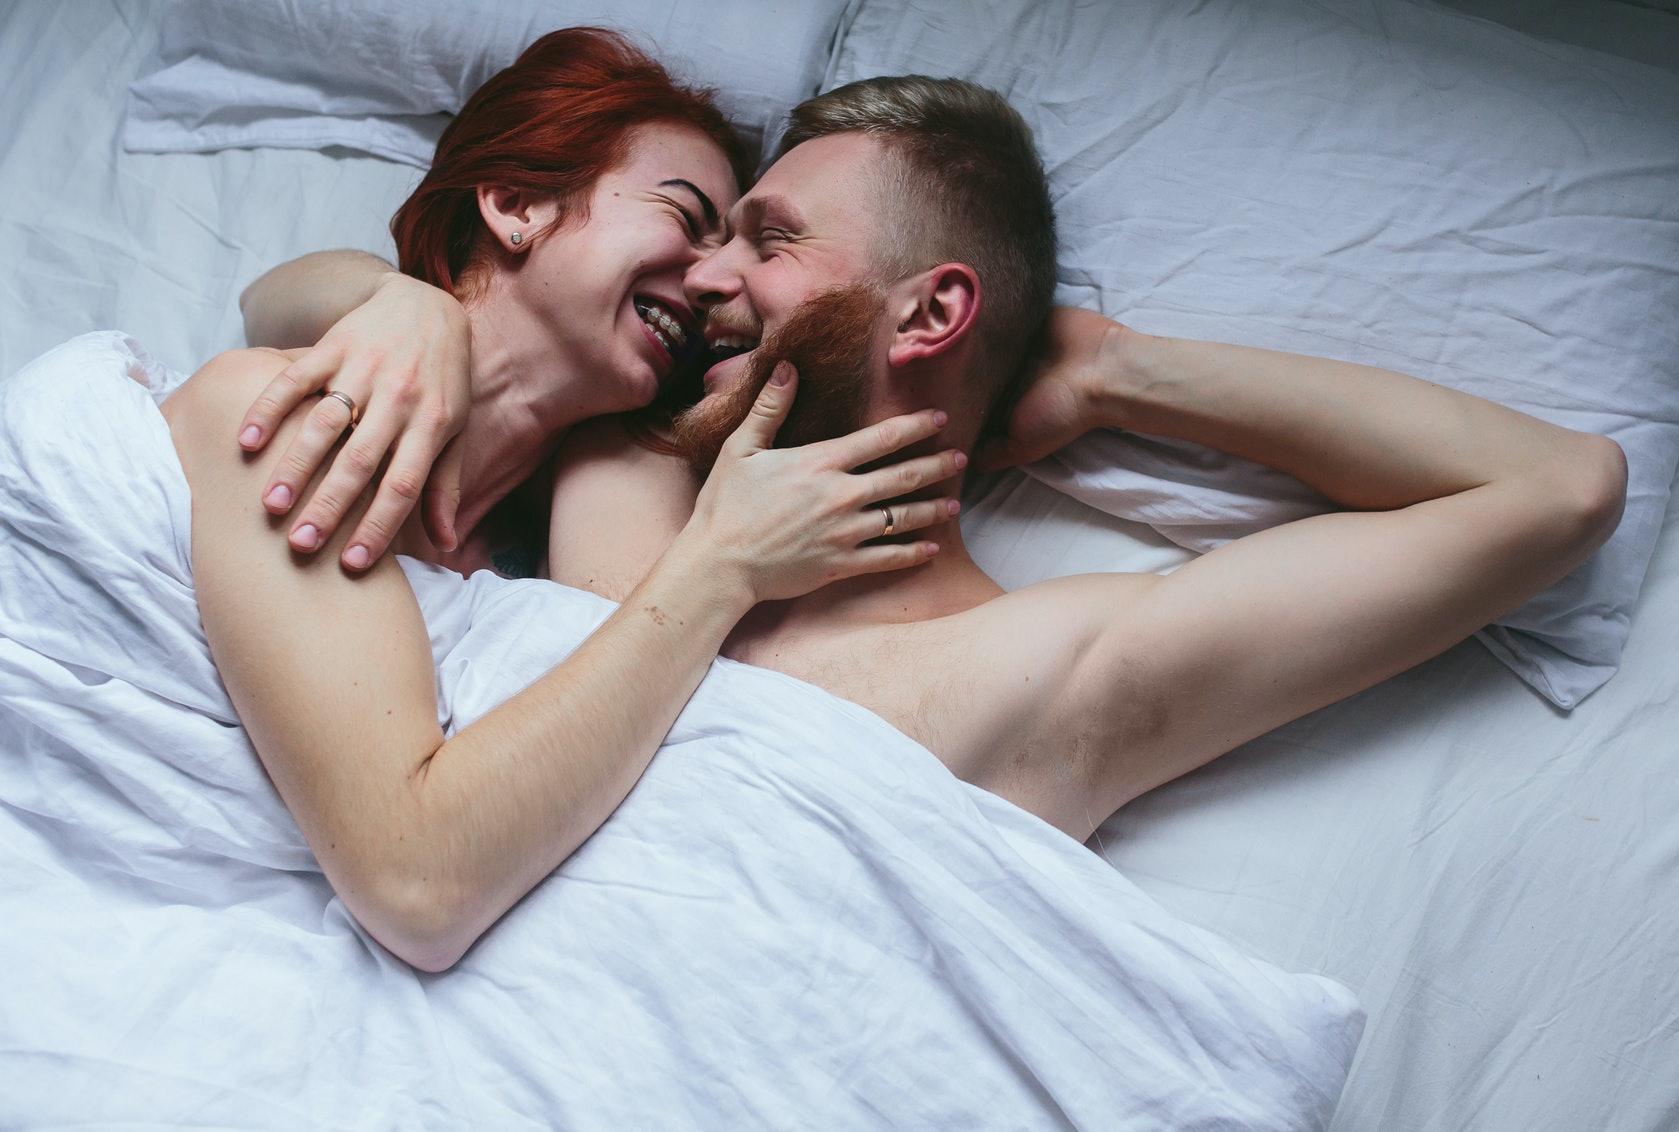 αγάπη 2 σεξ online γνωριμίες διασκέδασης ερωτήσεις